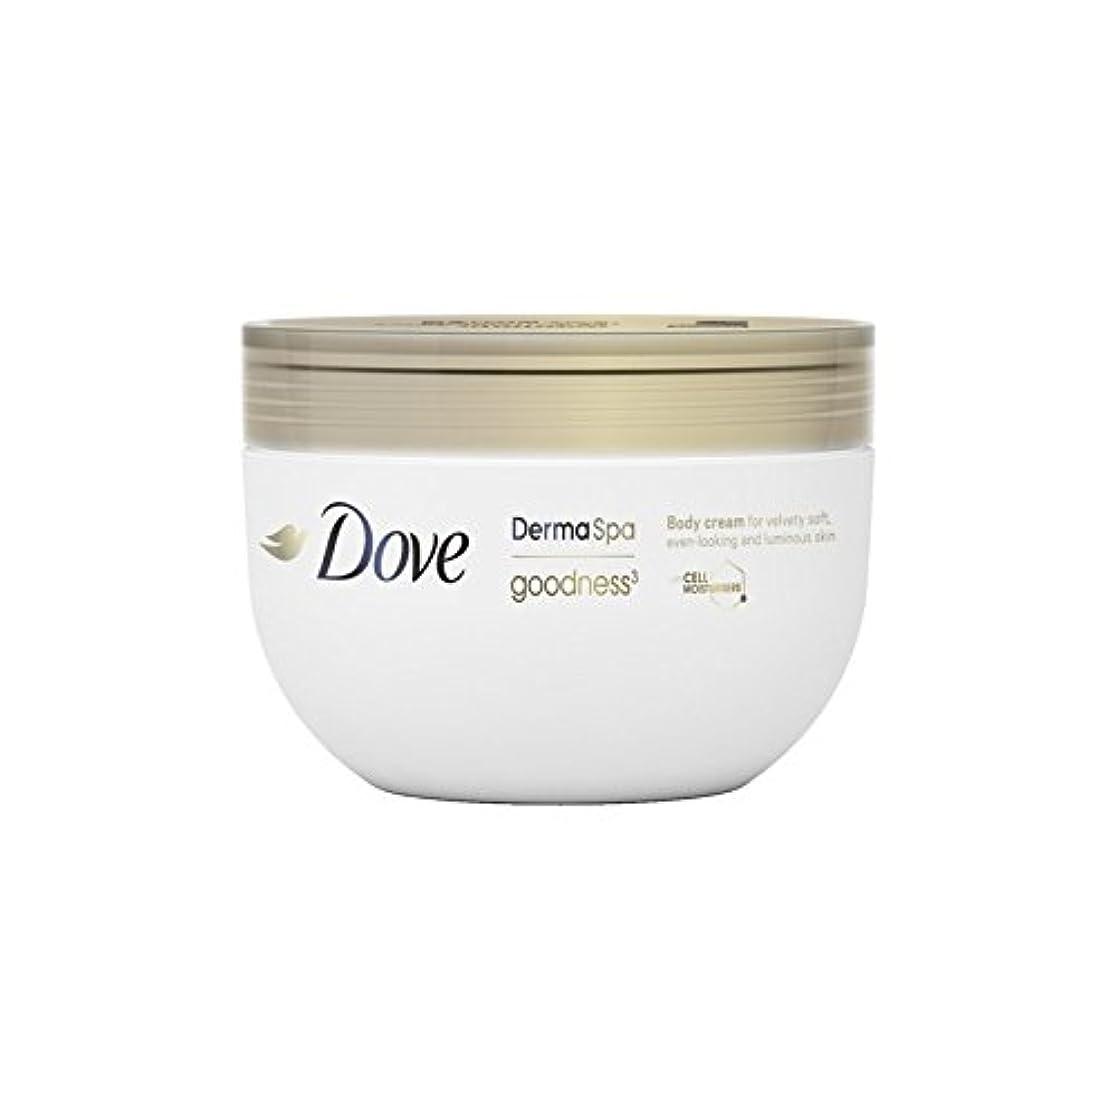 引く管理します合理化Dove DermaSpa Goodness3 Body Cream (300ml) - 鳩の3ボディクリーム(300ミリリットル) [並行輸入品]